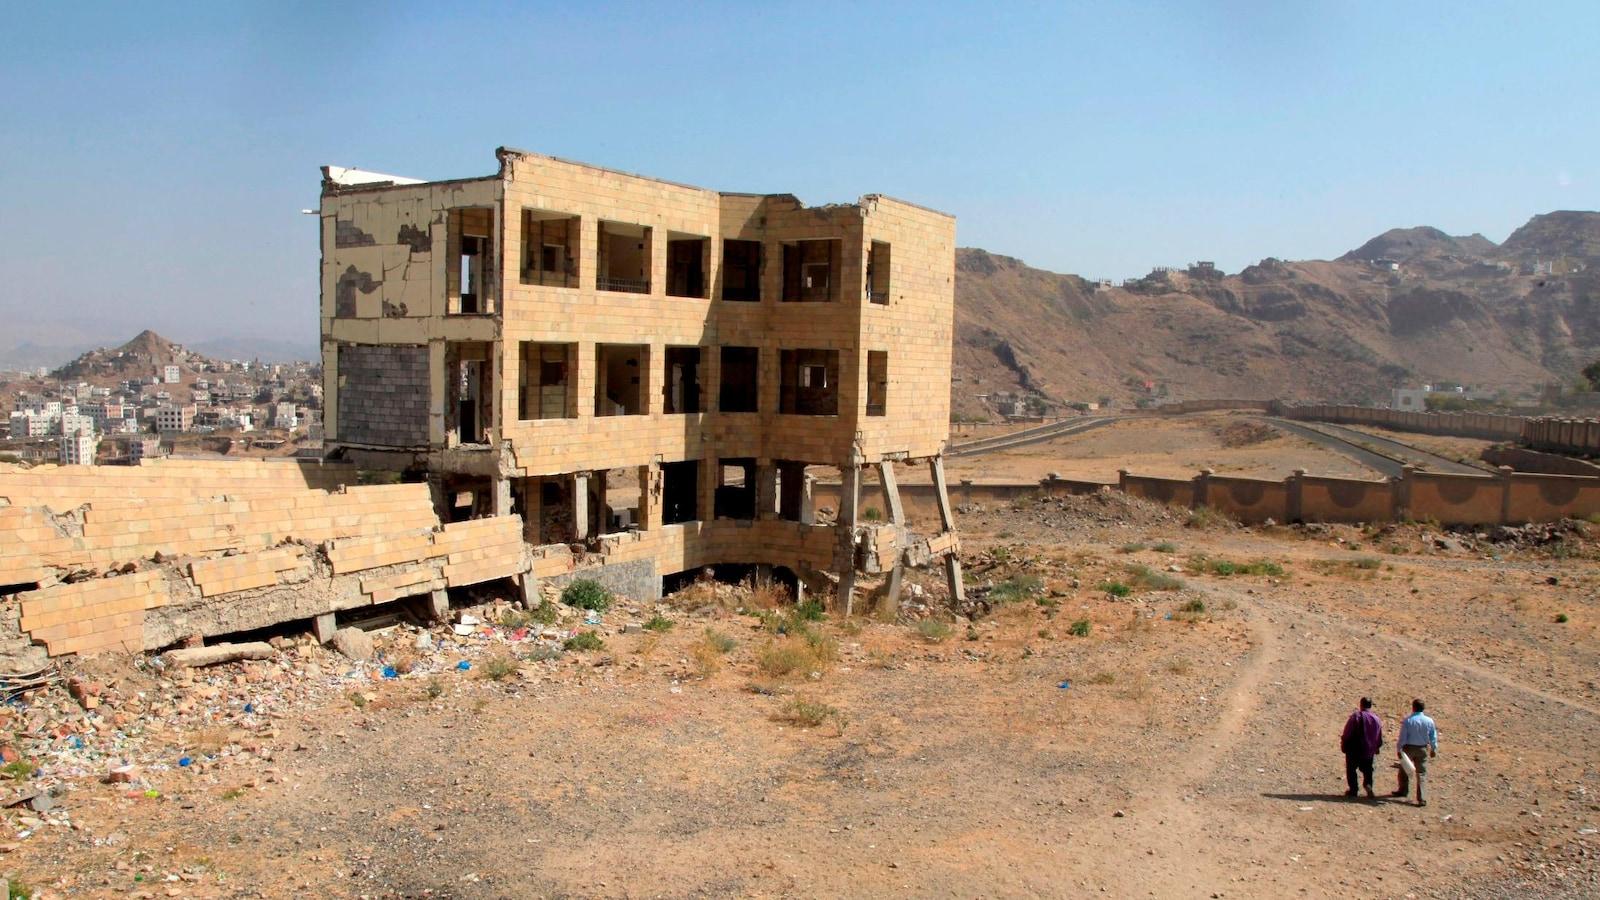 Deux personnes marchent non loin d'une école détruite par la guerre, dans le sud-ouest du Yémen.